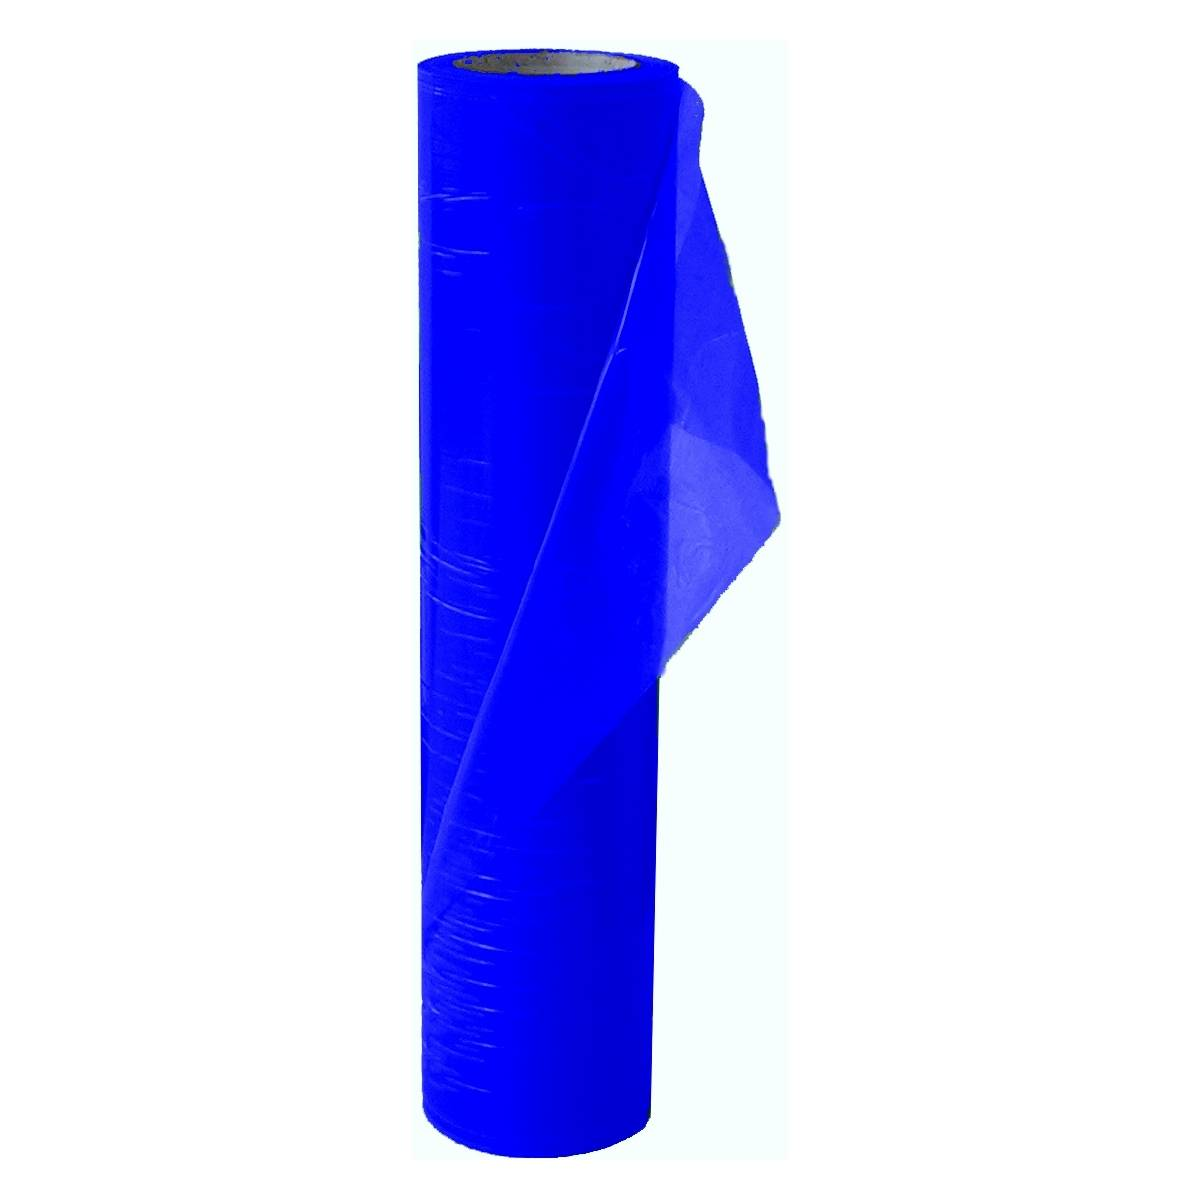 PE-Schutzfolie (Glasschutzfolie) blau 250 mm x 100 / Rolle